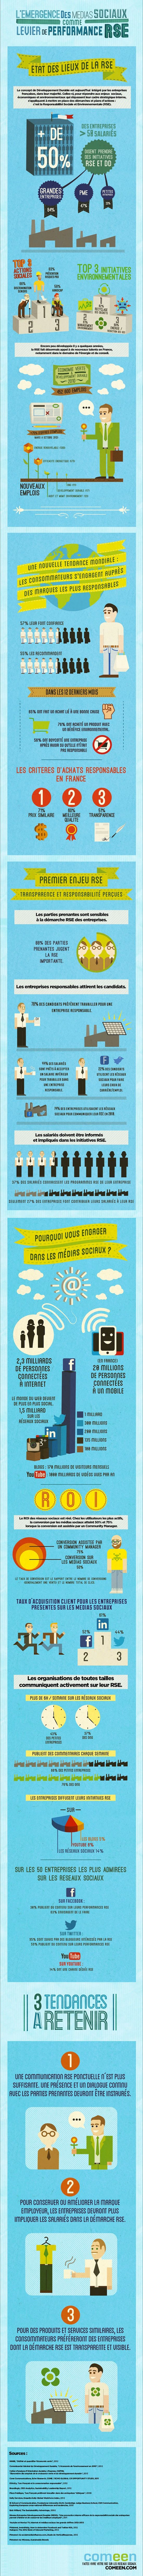 Réseaux sociaux: quel intérêt pour une communication RSE?